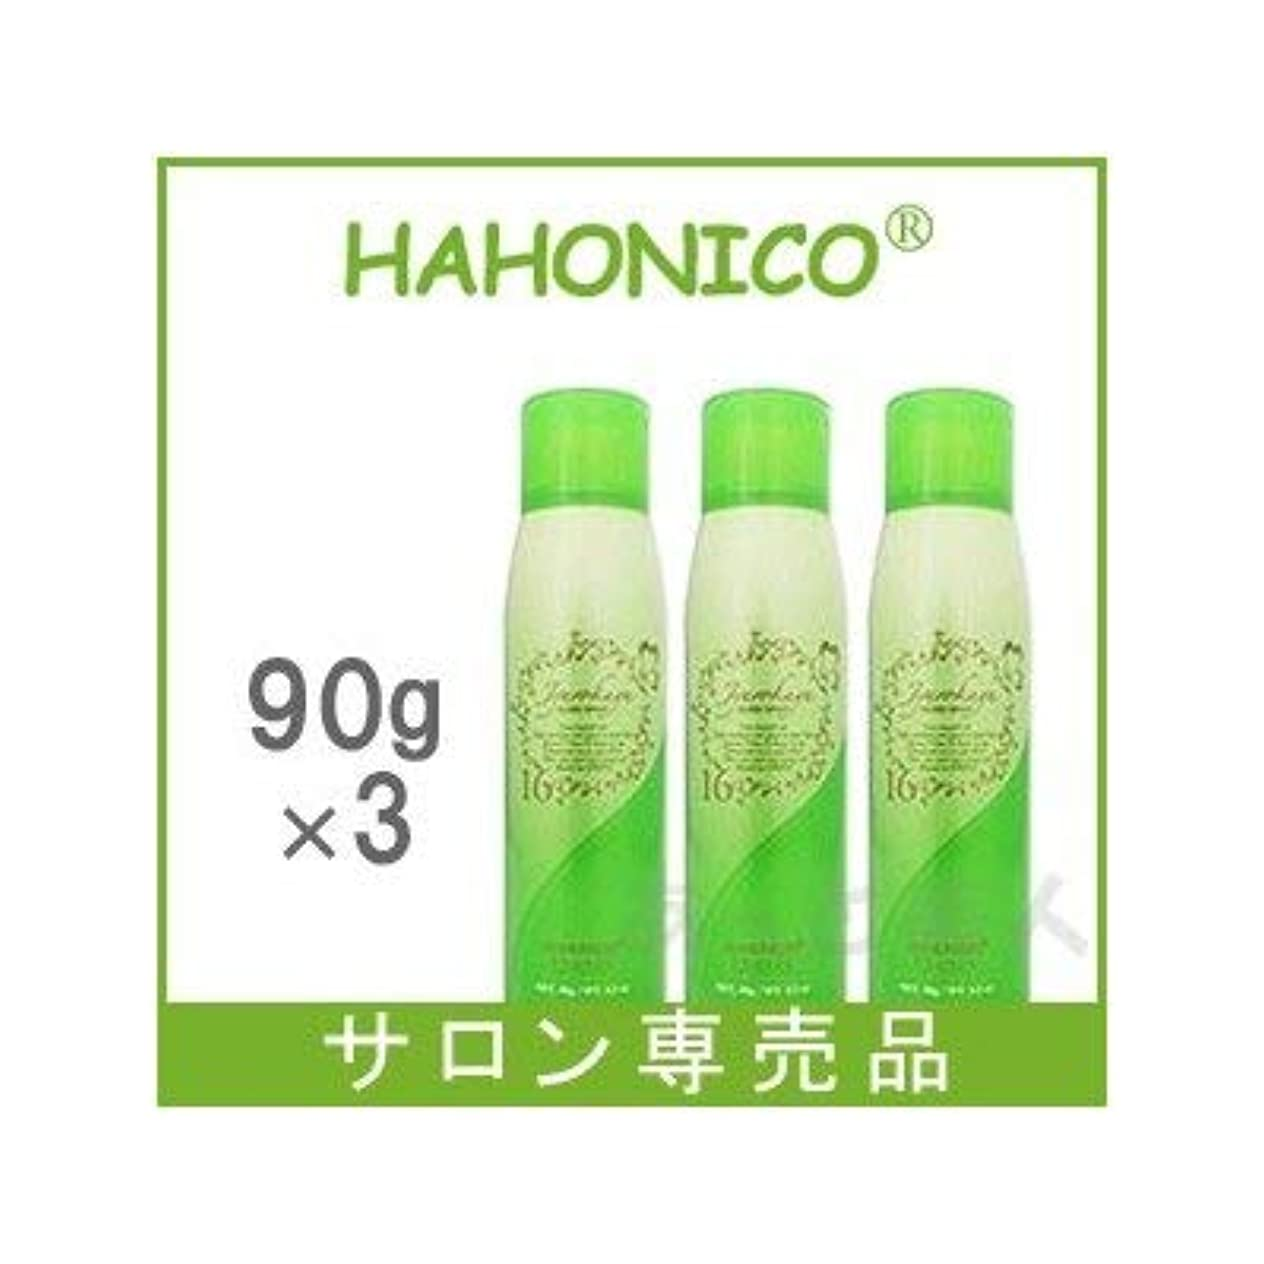 直接またはどちらか住人【X3個セット】 ハホニコ ジュウロクユ ツヤスプレー 90g 十六油 HAHONICO